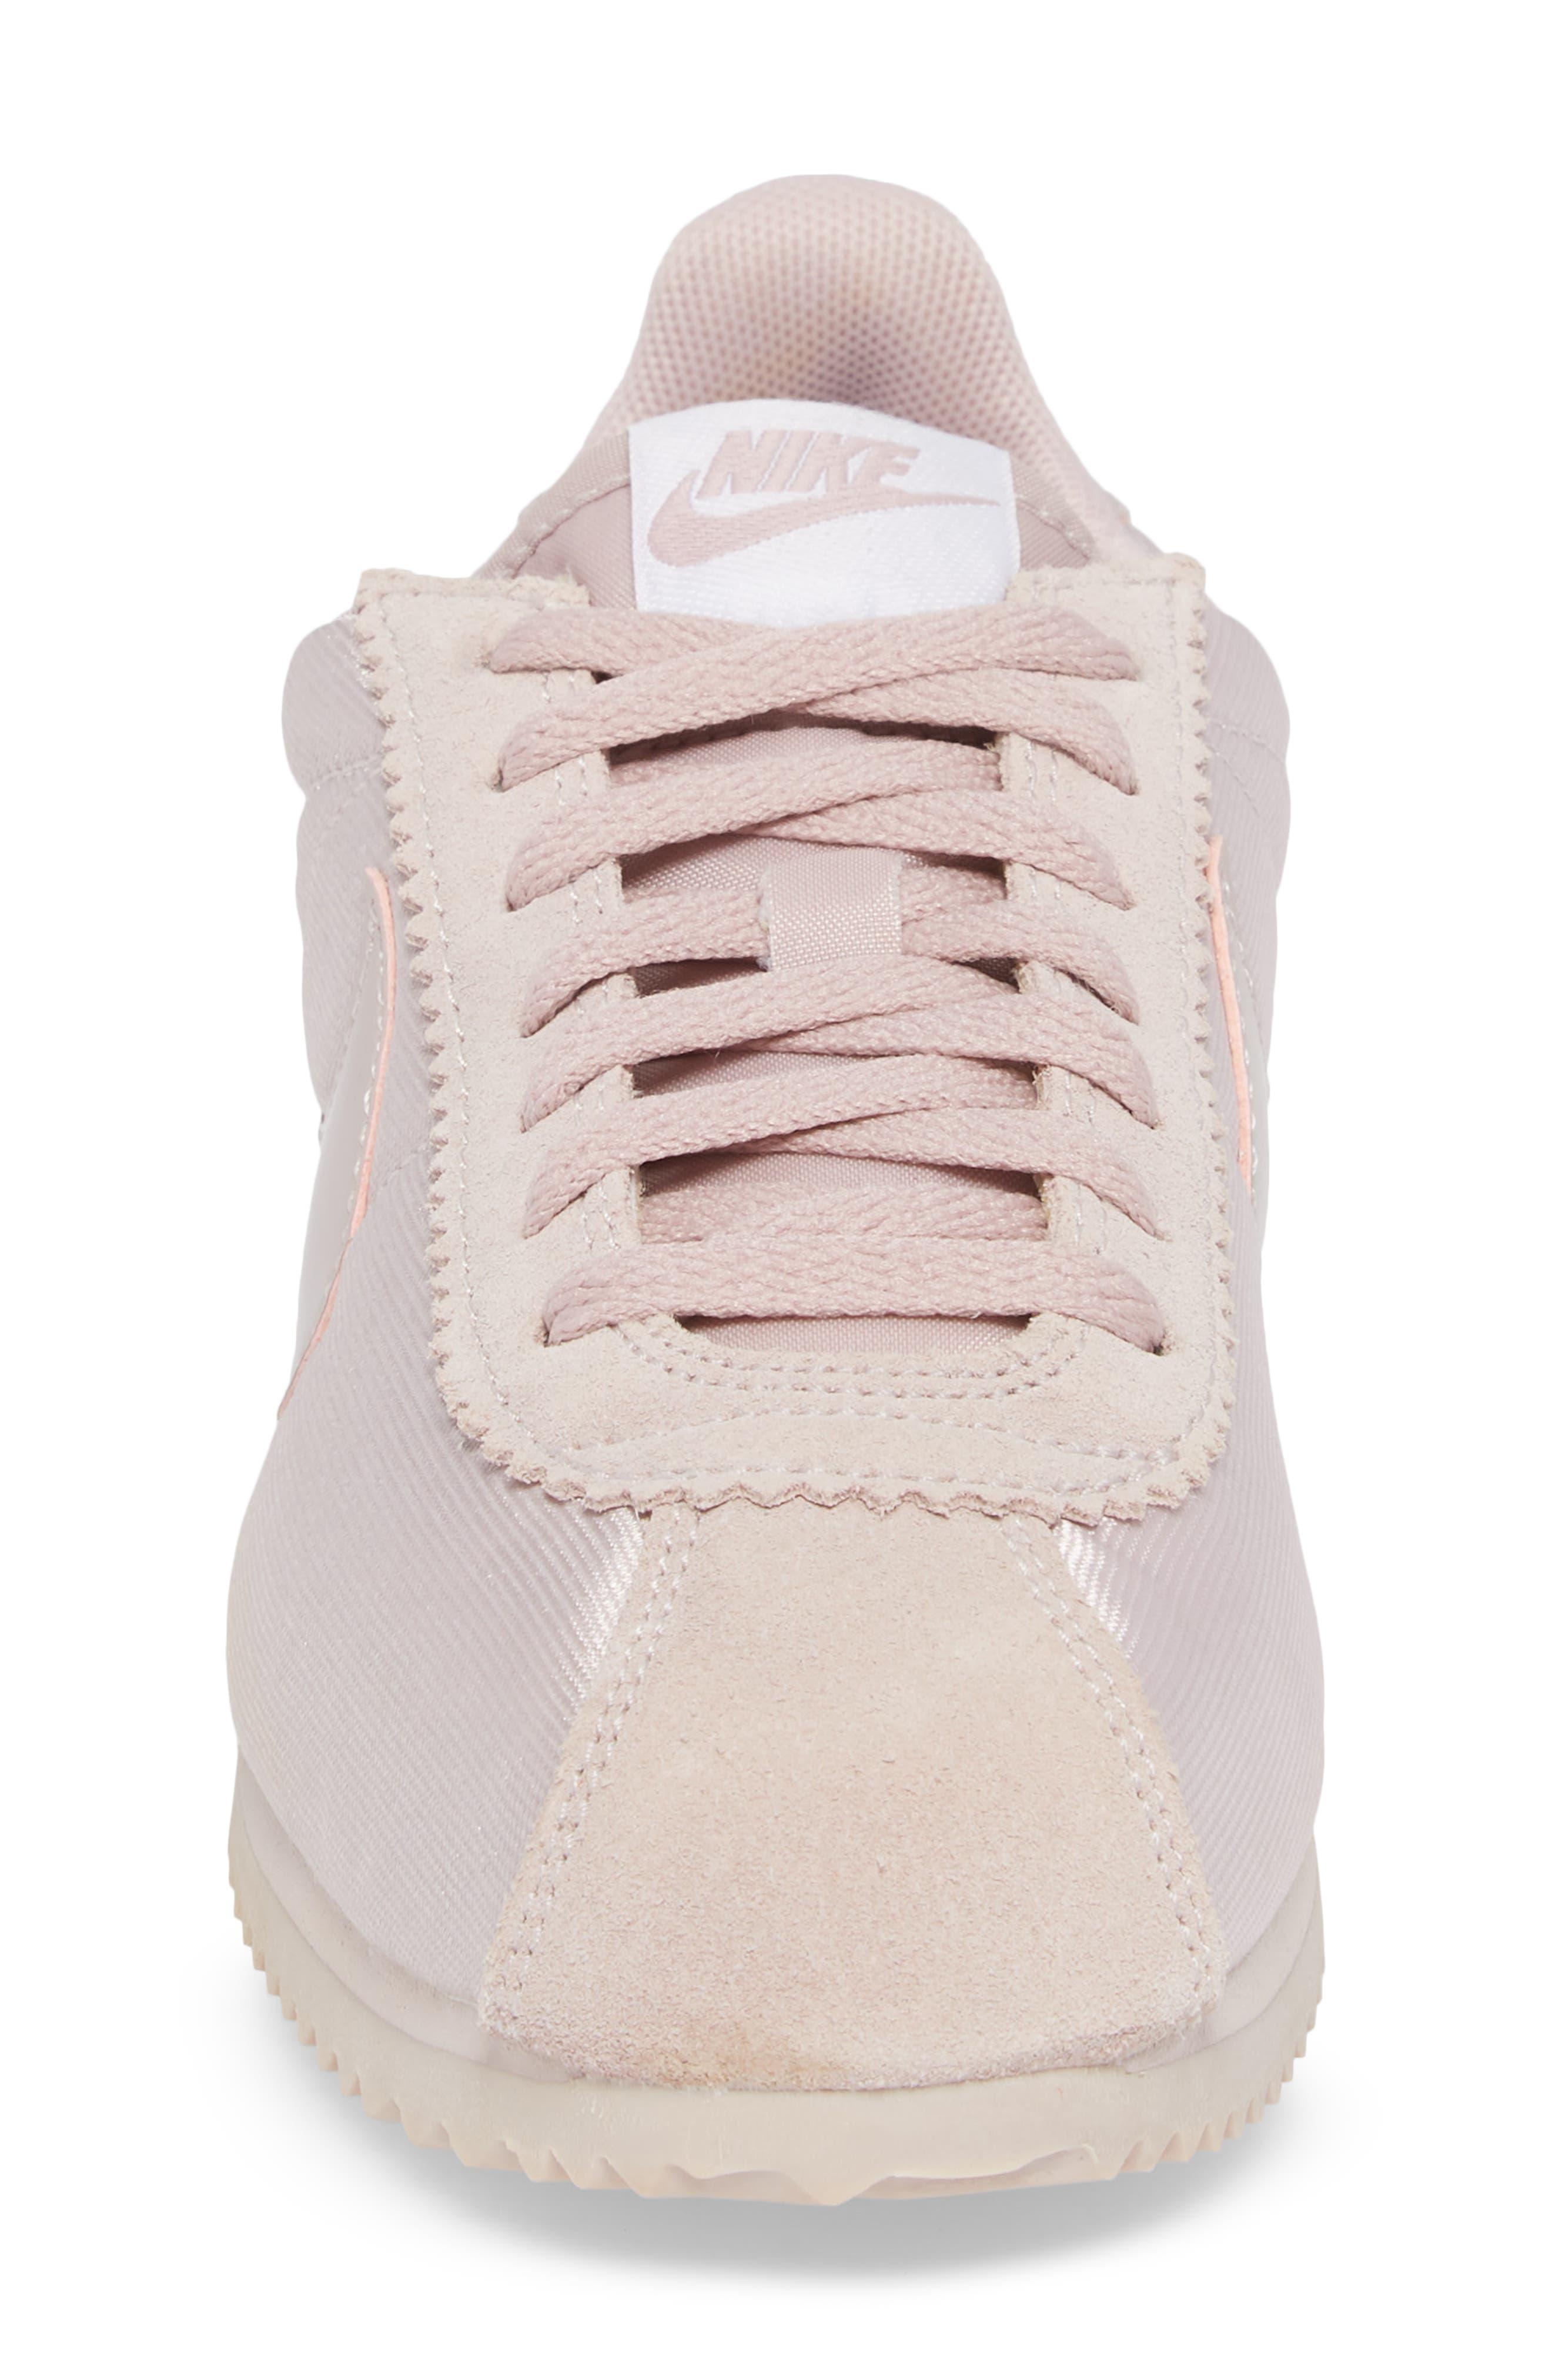 'Classic Cortez' Sneaker,                             Alternate thumbnail 4, color,                             Particle Rose/ Particle Rose